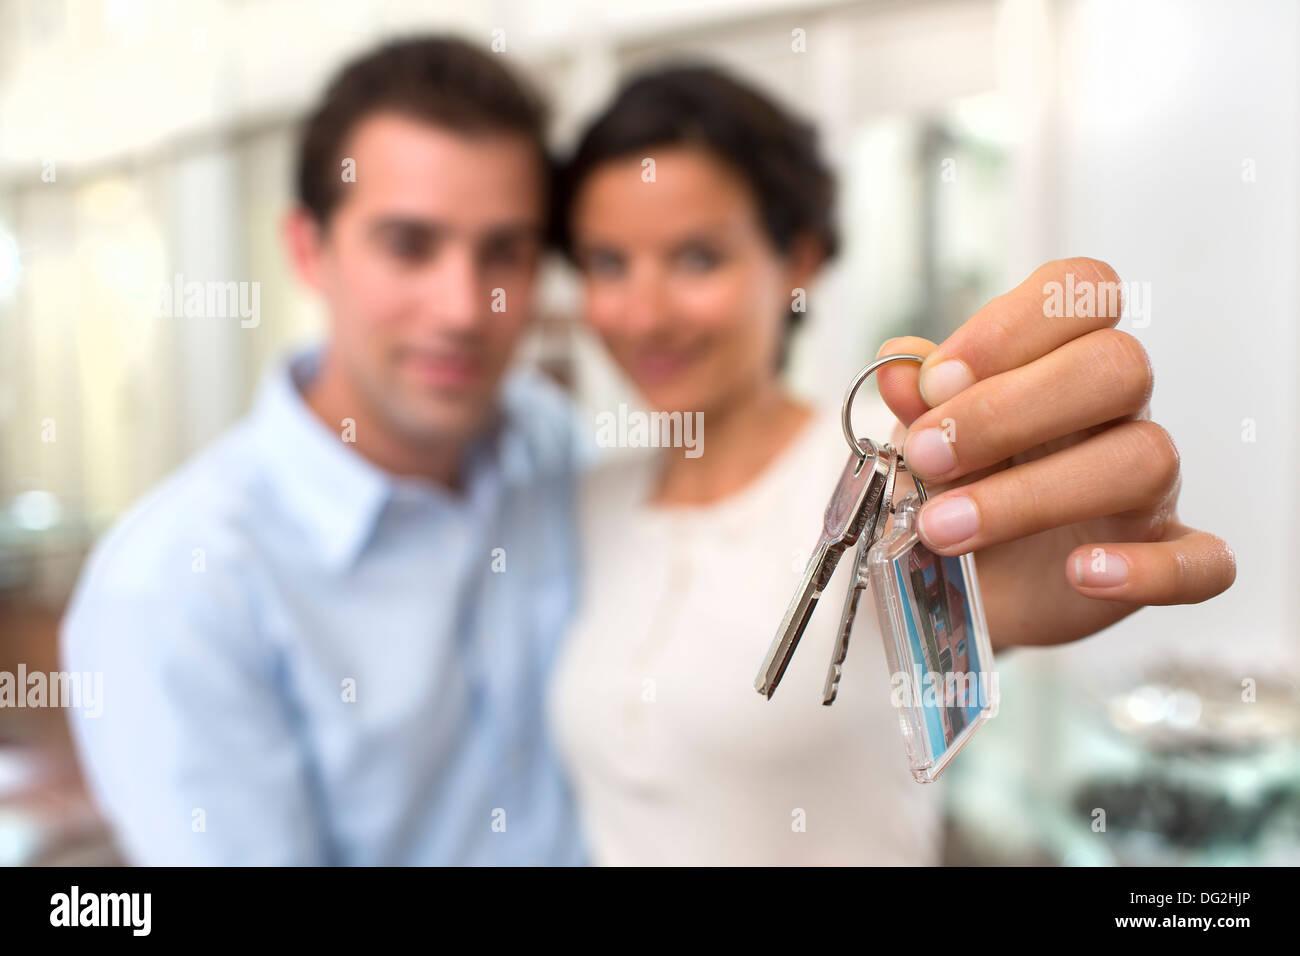 Woman man keys indoor room hand finger - Stock Image